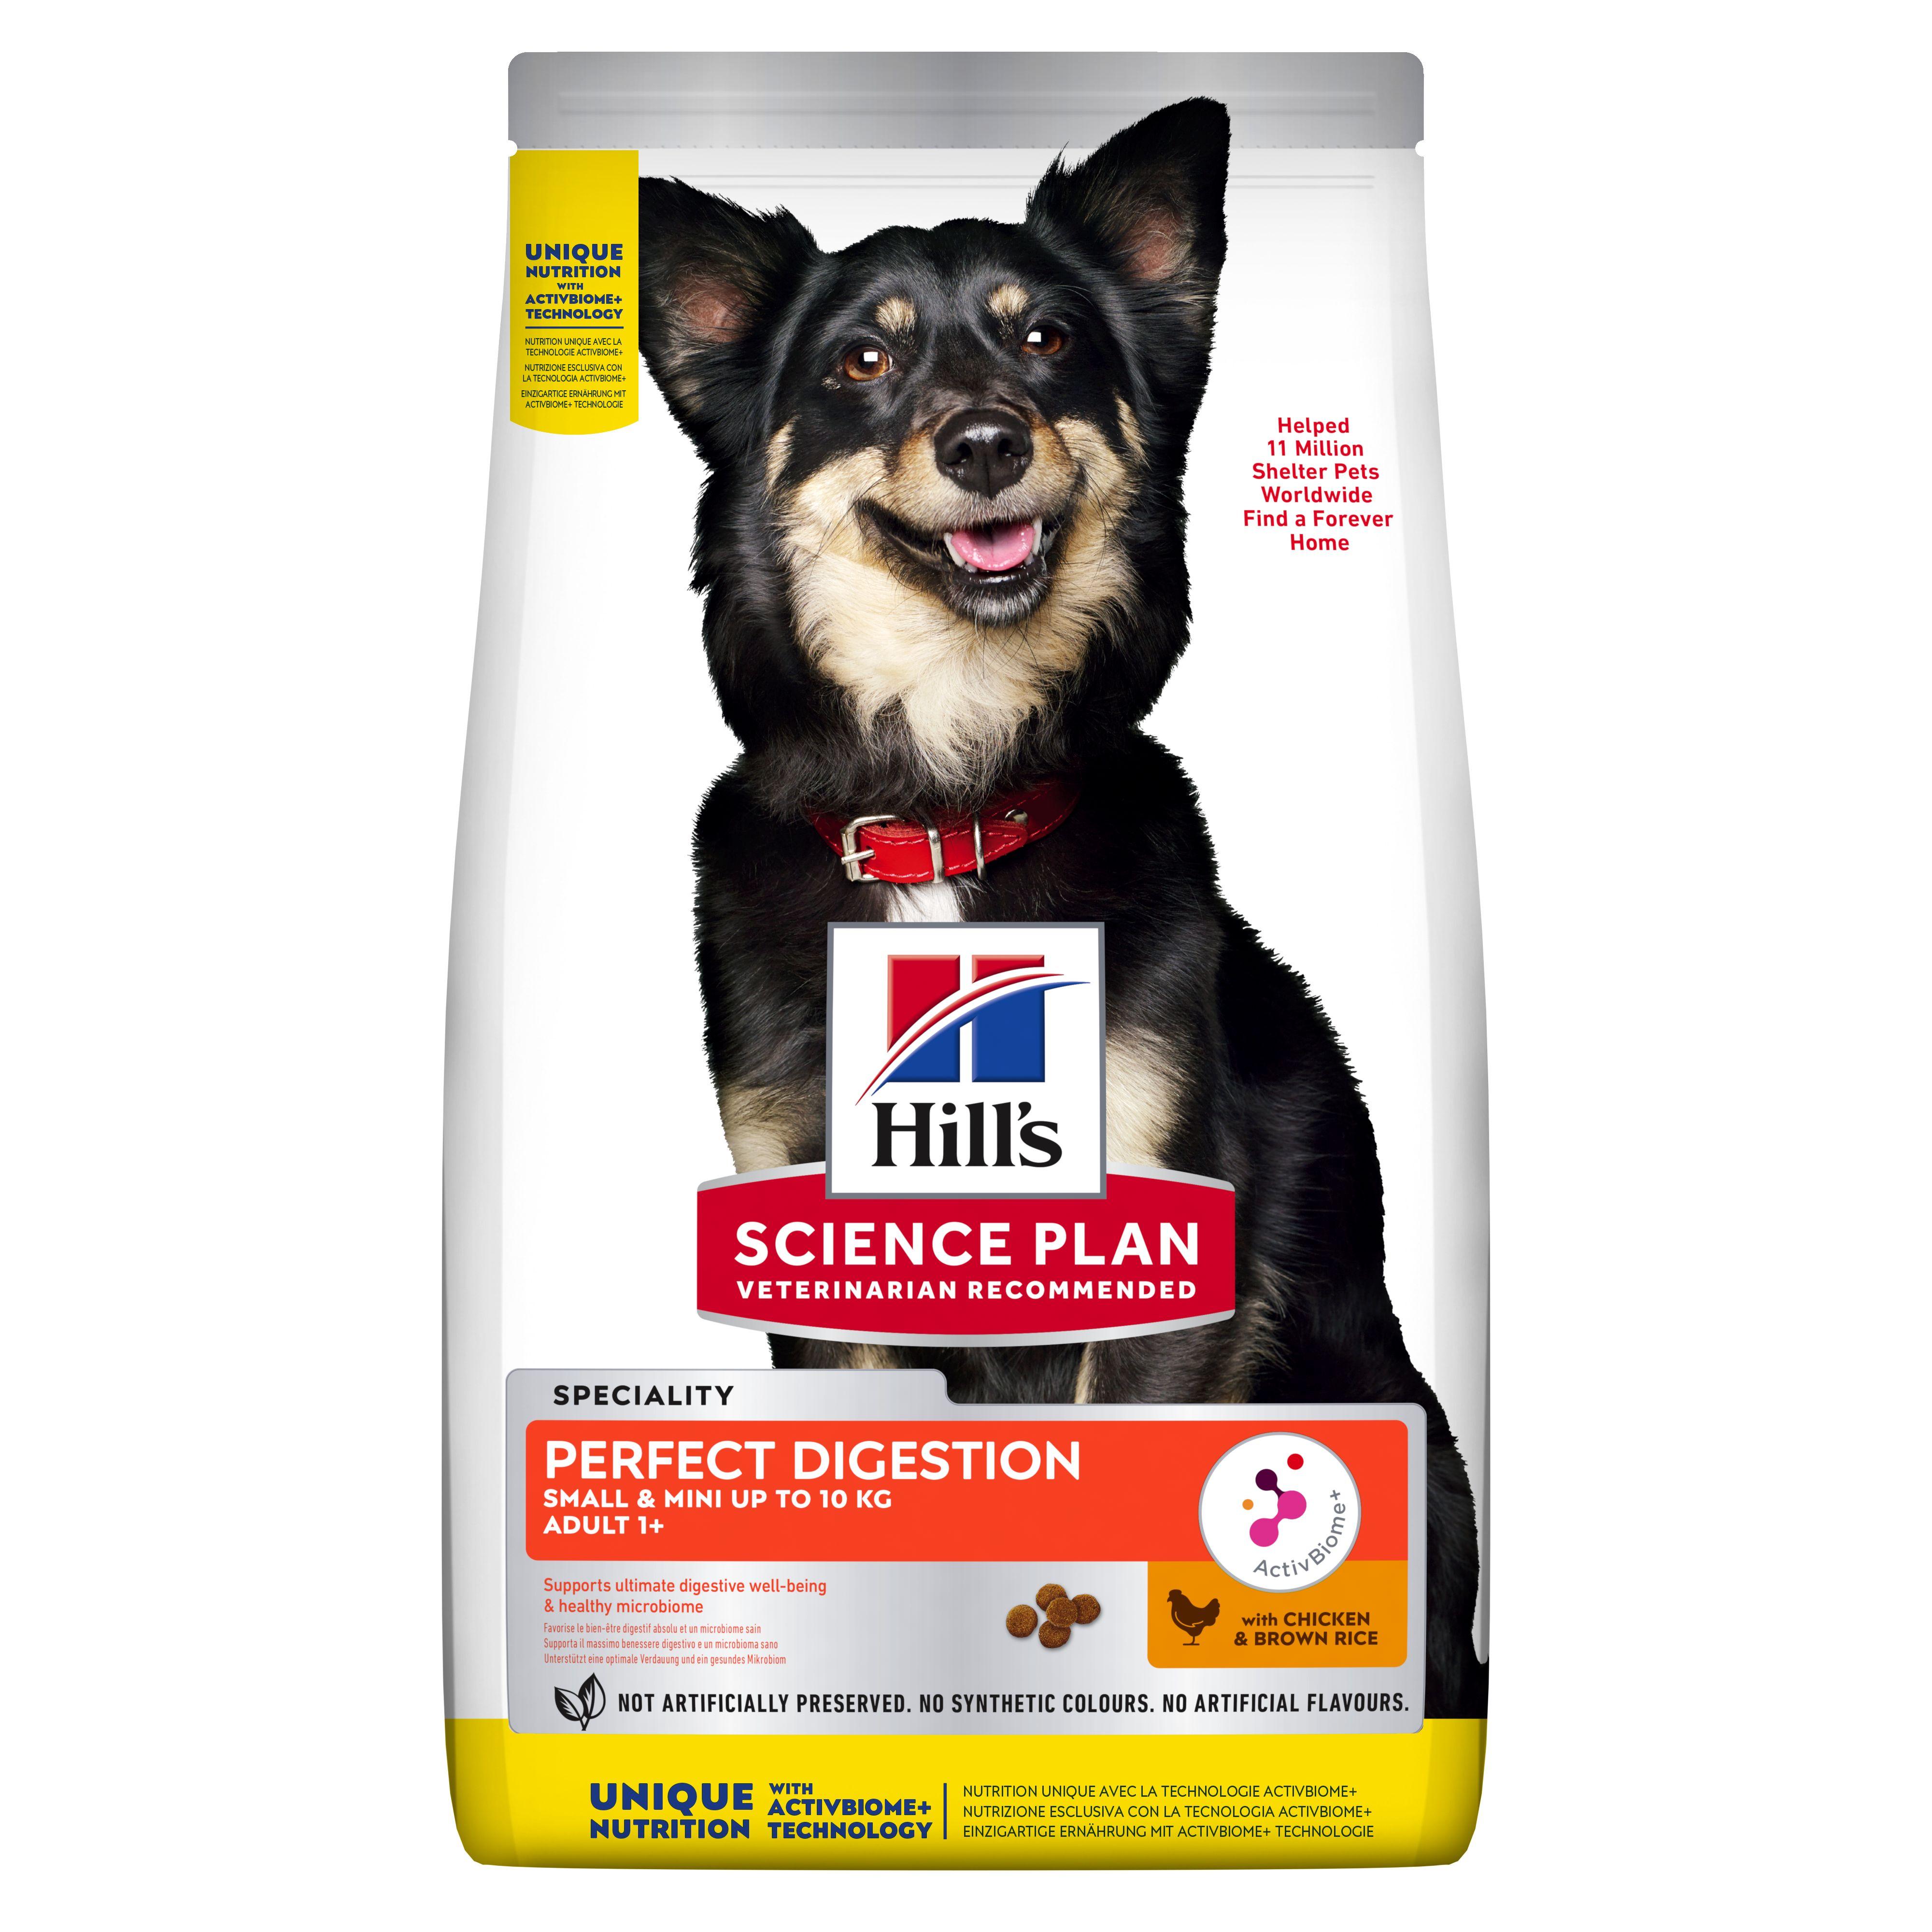 Сухой корм Hill's  длясобак мелких пород для поддержания пищеварения и питания микробиома, с курицей и коричневым рисом, 3кг